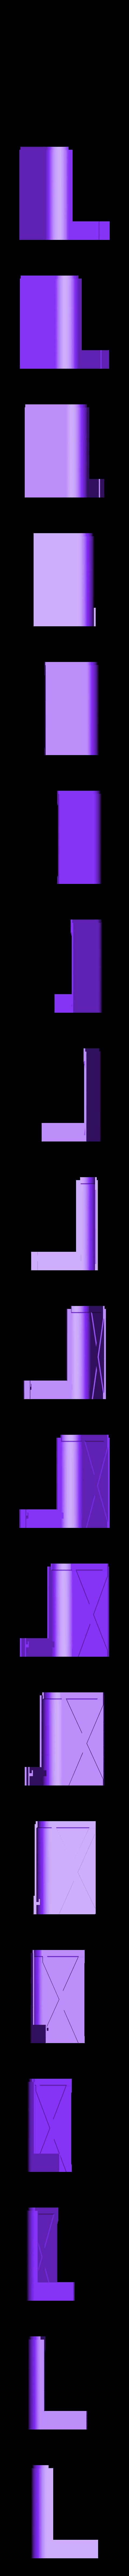 left_front_bottom.stl Télécharger fichier STL gratuit wanhao D7 boîtier, couvercle, couvercle, couvercle • Plan à imprimer en 3D, mariospeed